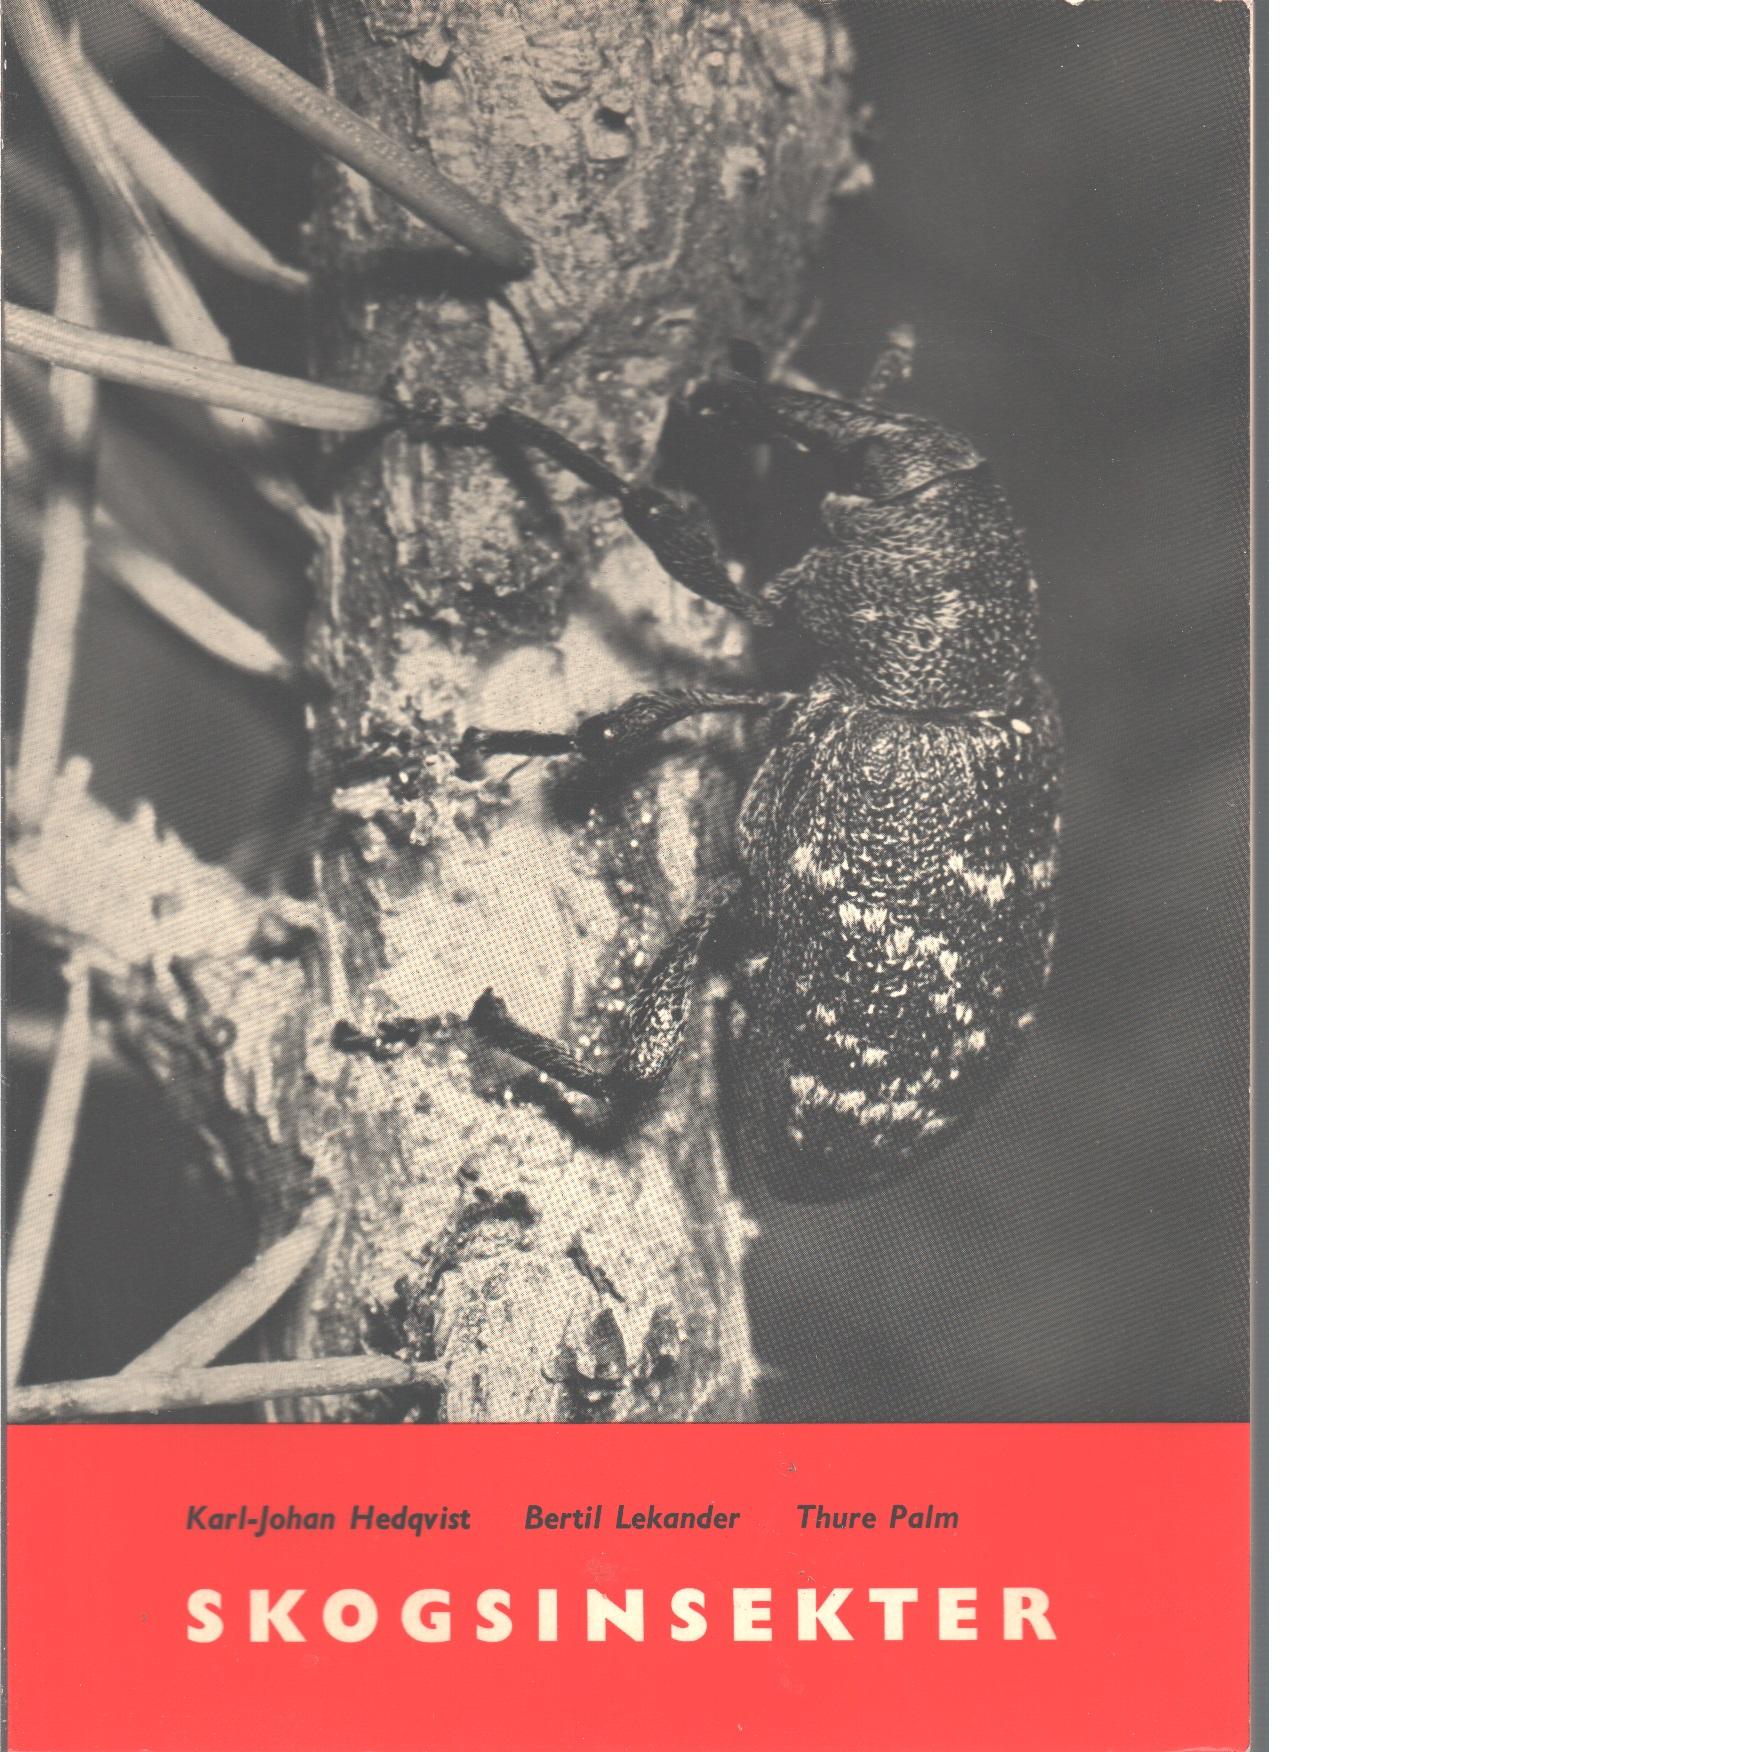 Skogsinsekter - Hedqvist, Karl-johan Och Lekander, Bertil Samt Palm, Thure